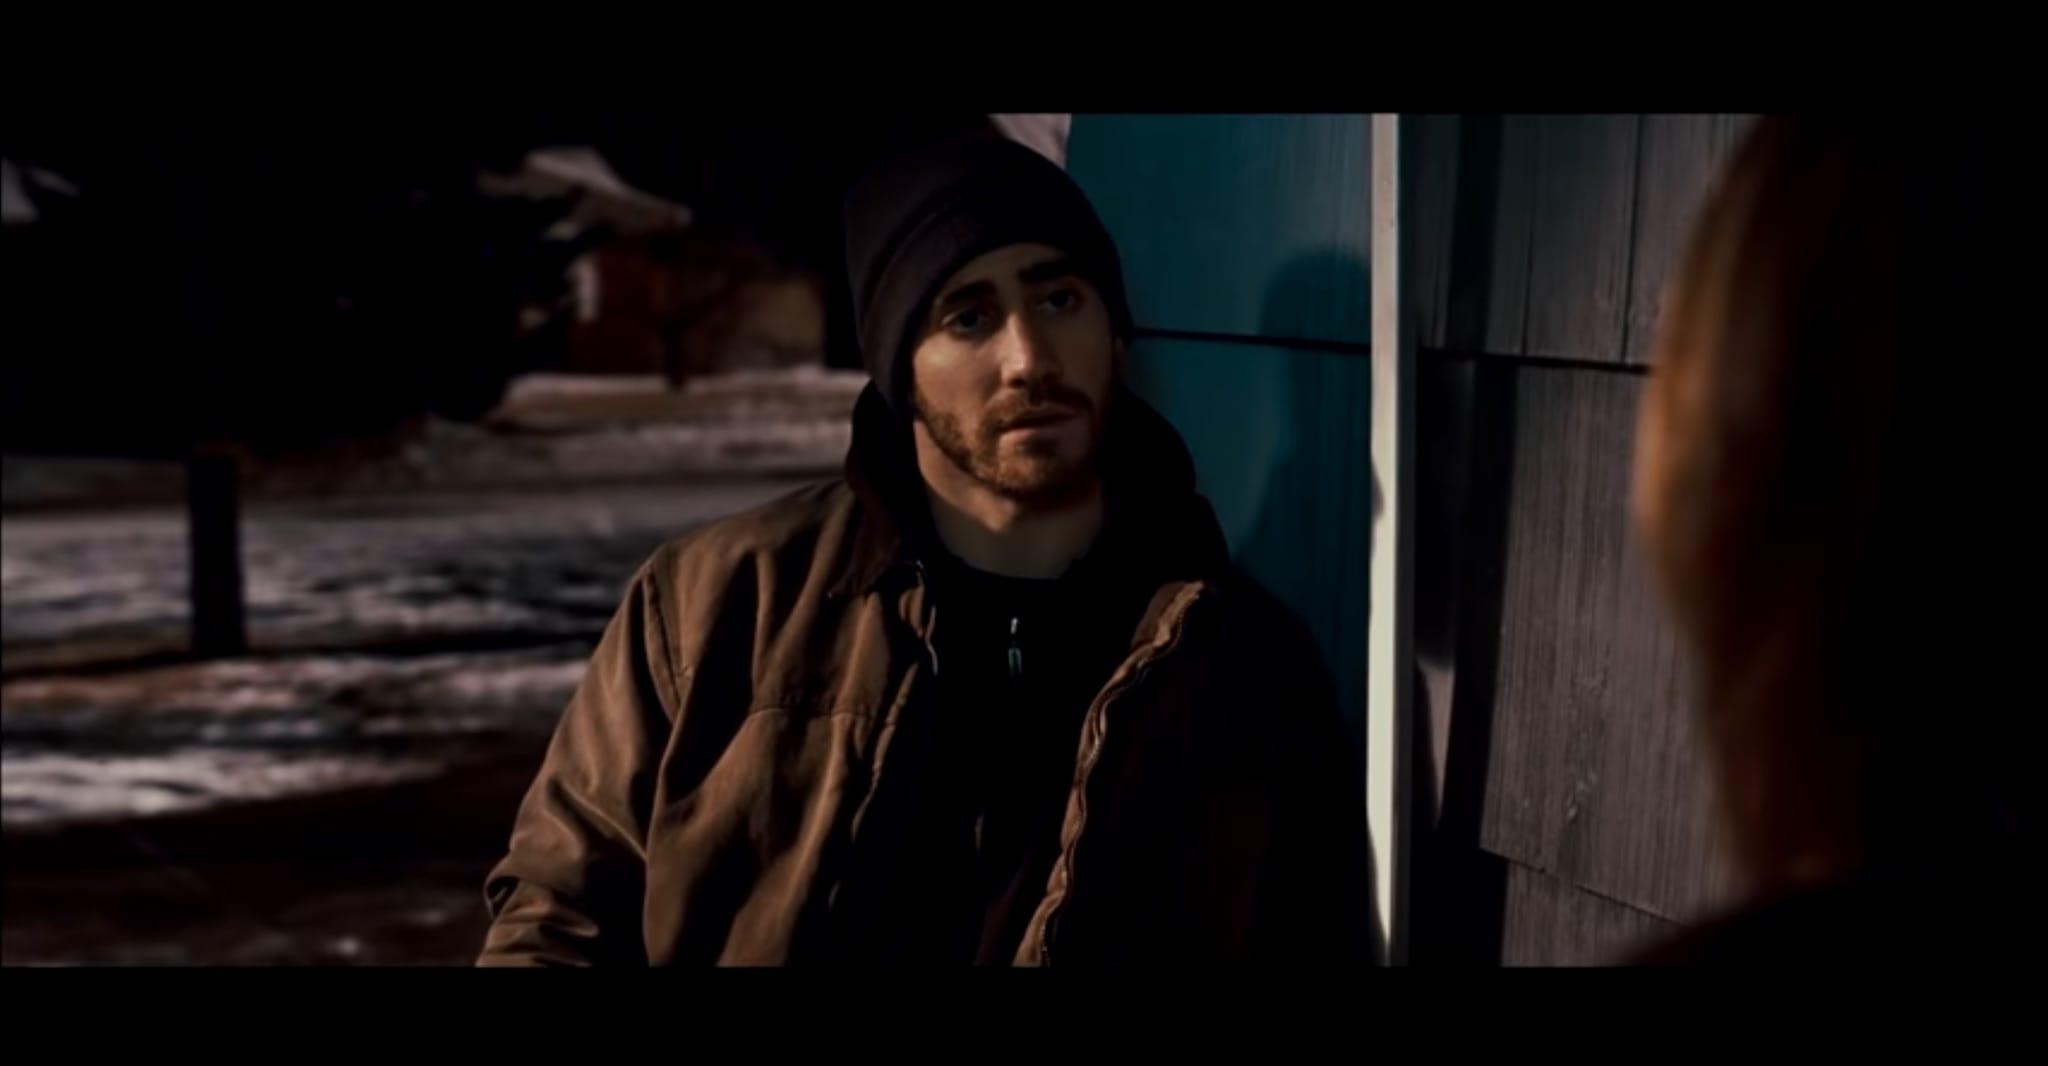 Brothers de Jim Sheridan Capture d'écran bande annonce film cinéma